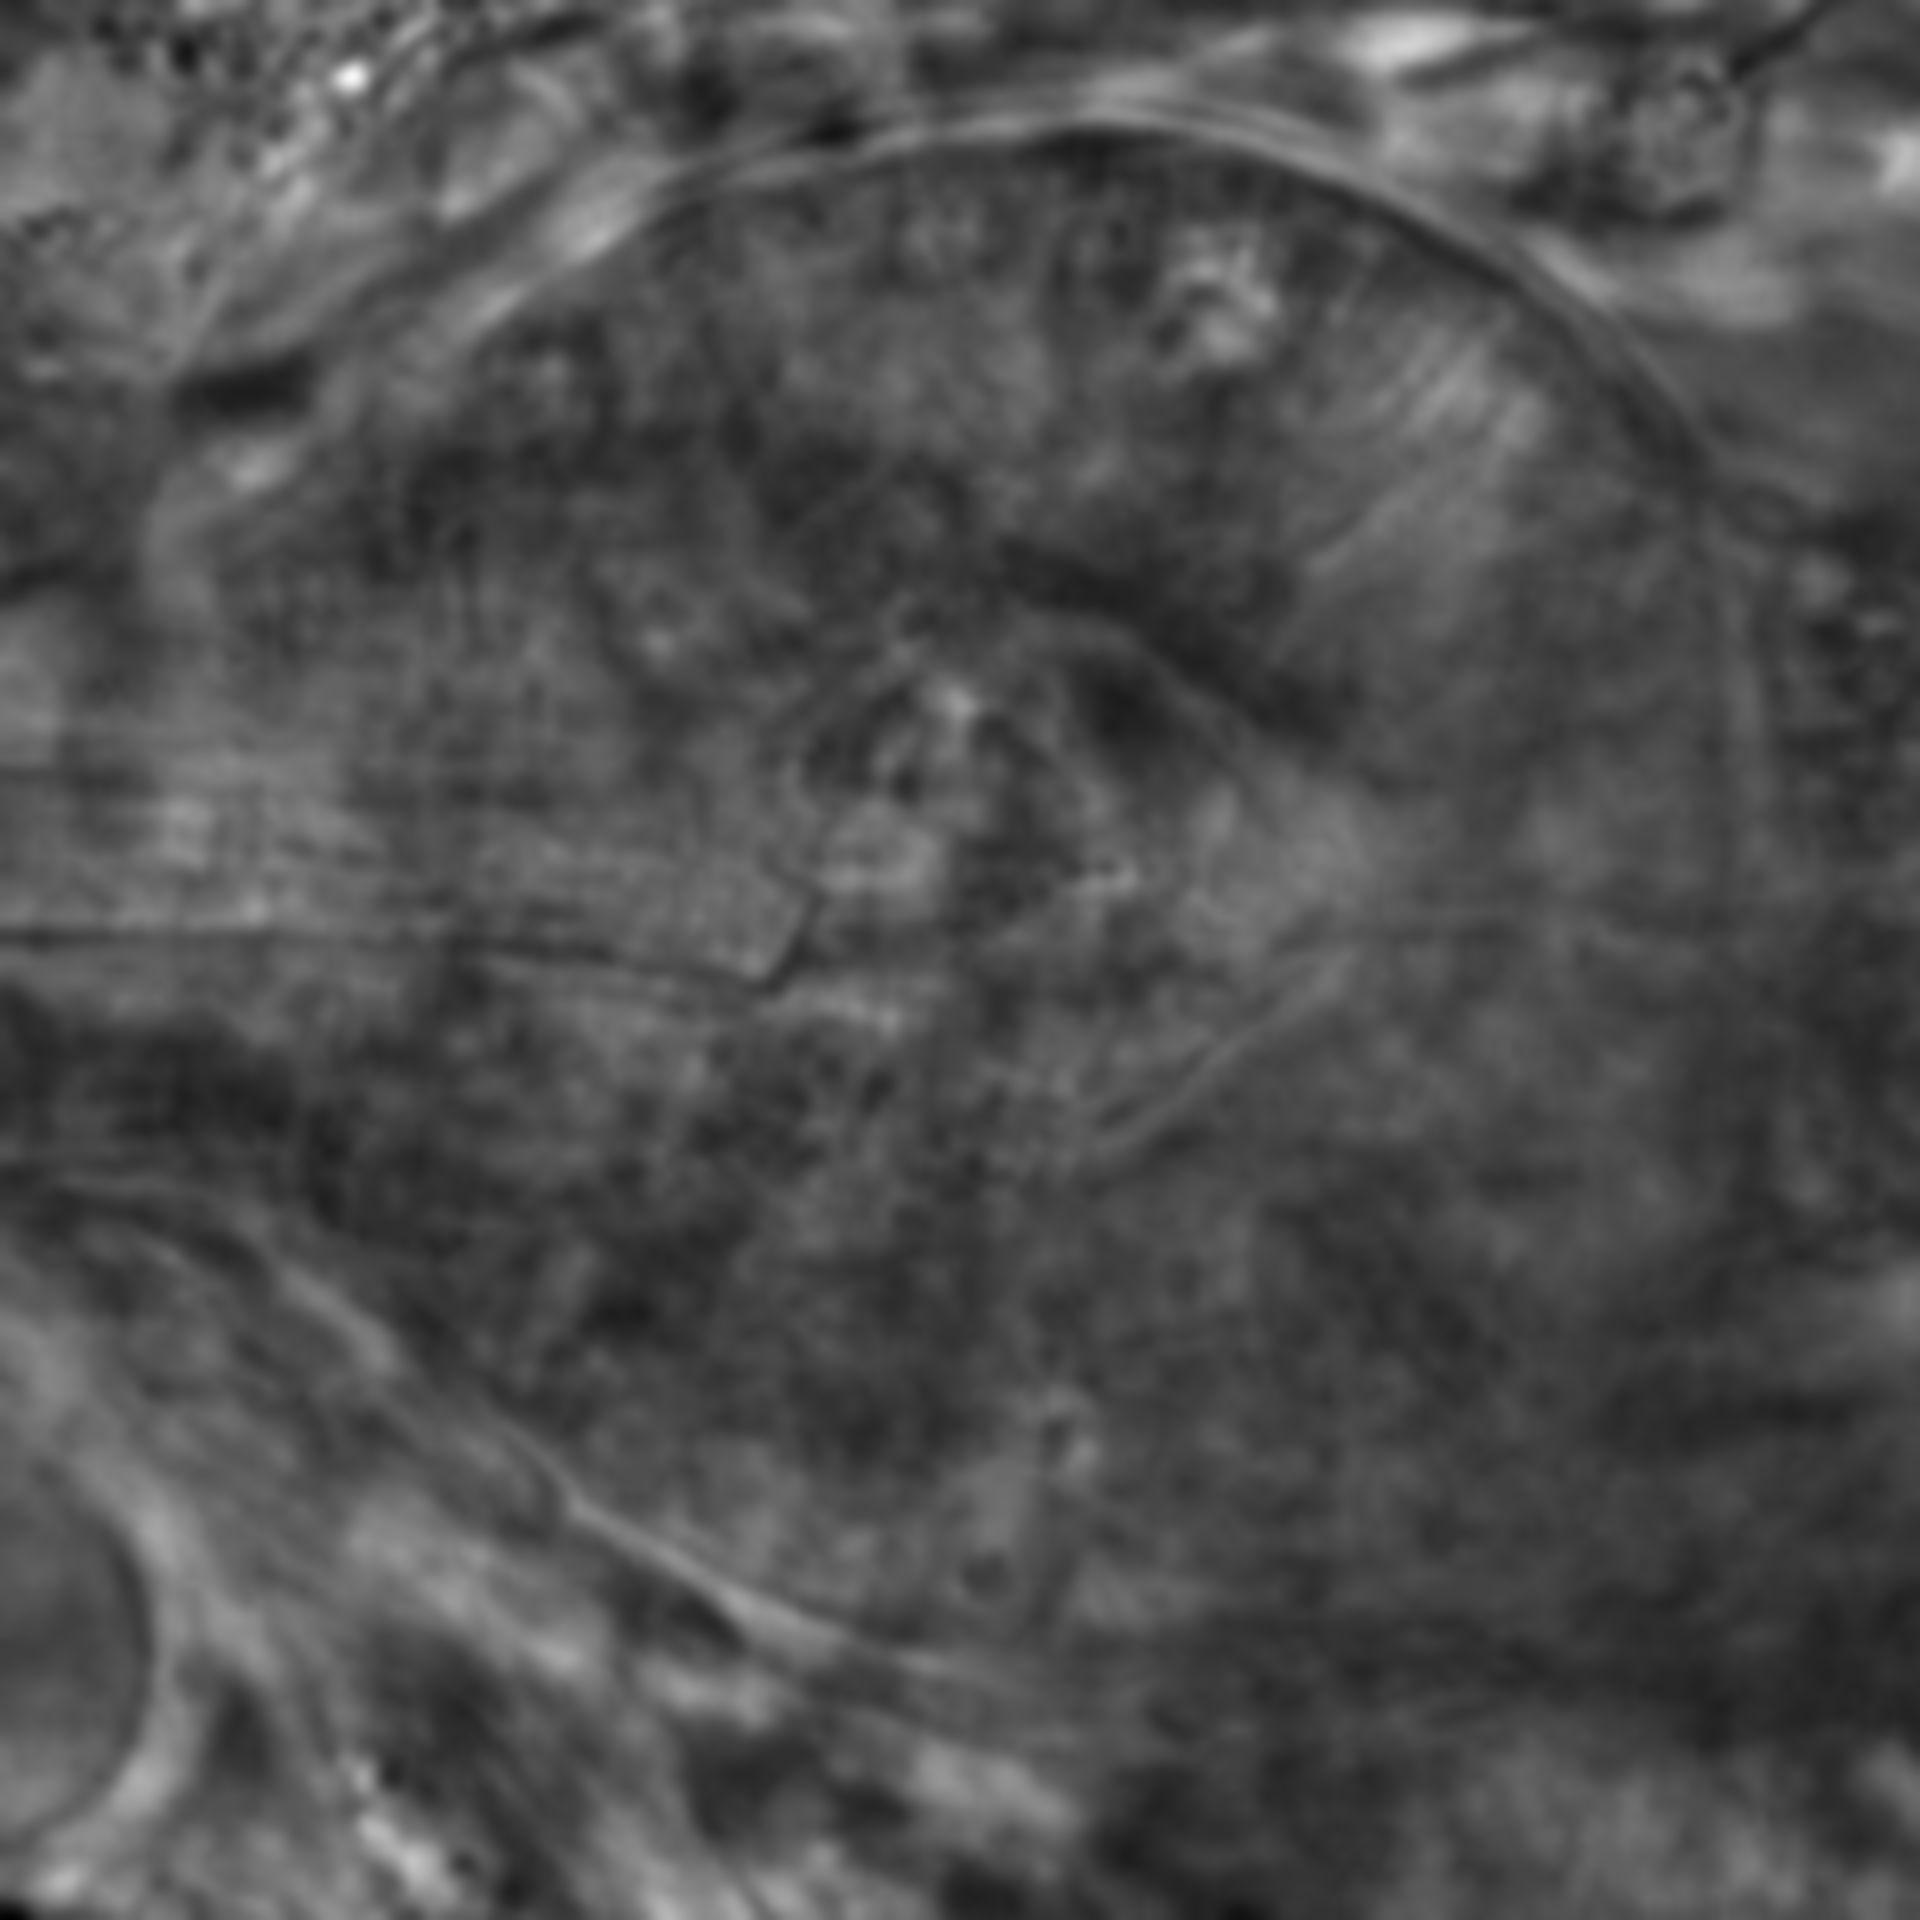 Caenorhabditis elegans - CIL:2668